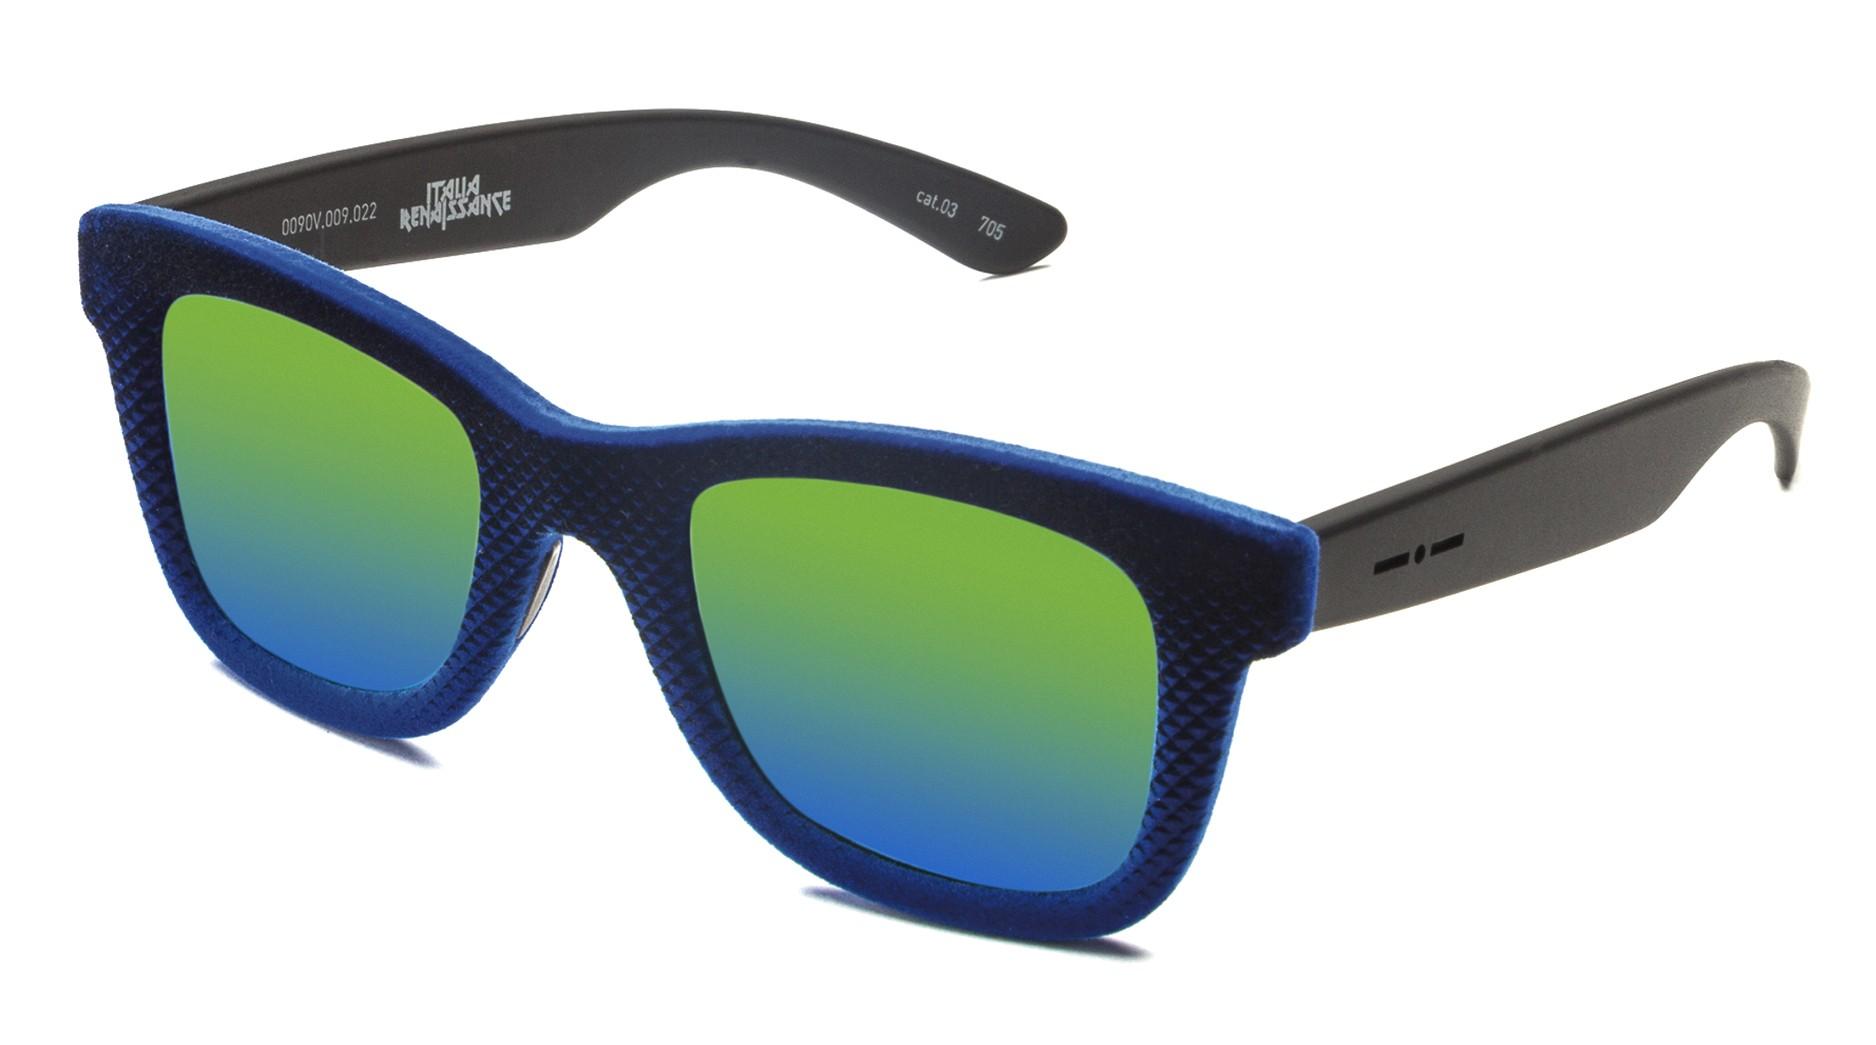 9bd83ad33f Italia Independent - Velvet 0090V - Gianluca Vacchi - Blue Velvet  Multicolor - 009.022 - Sunglasses - Gianluca Vacchi Official - Avvenice